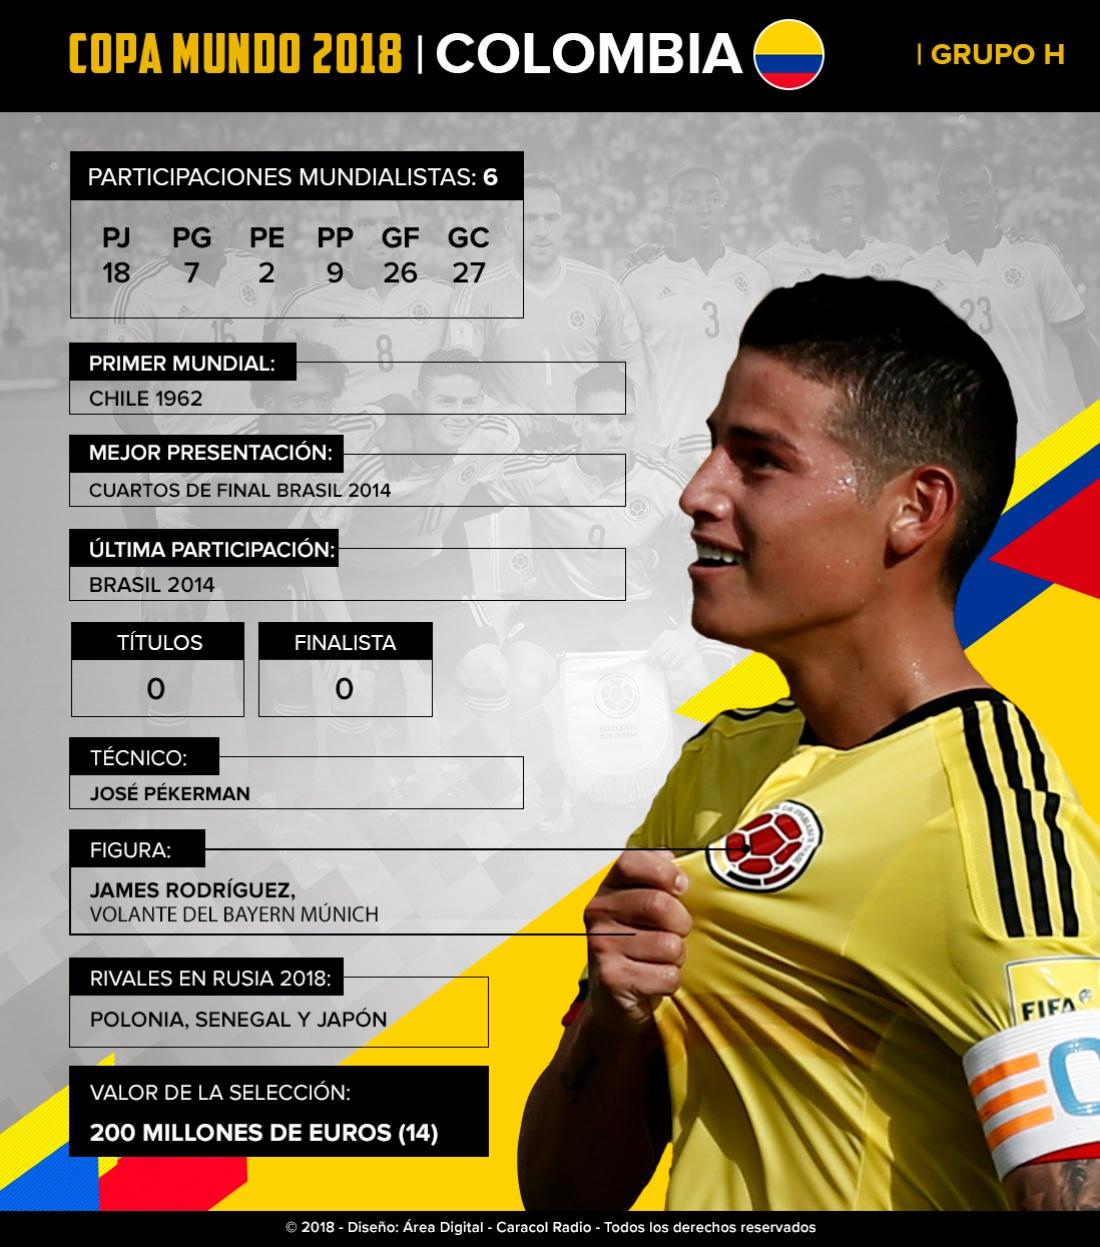 Mundial 2018: Colombia: El sueño mundialista de la mano de Falcao y James